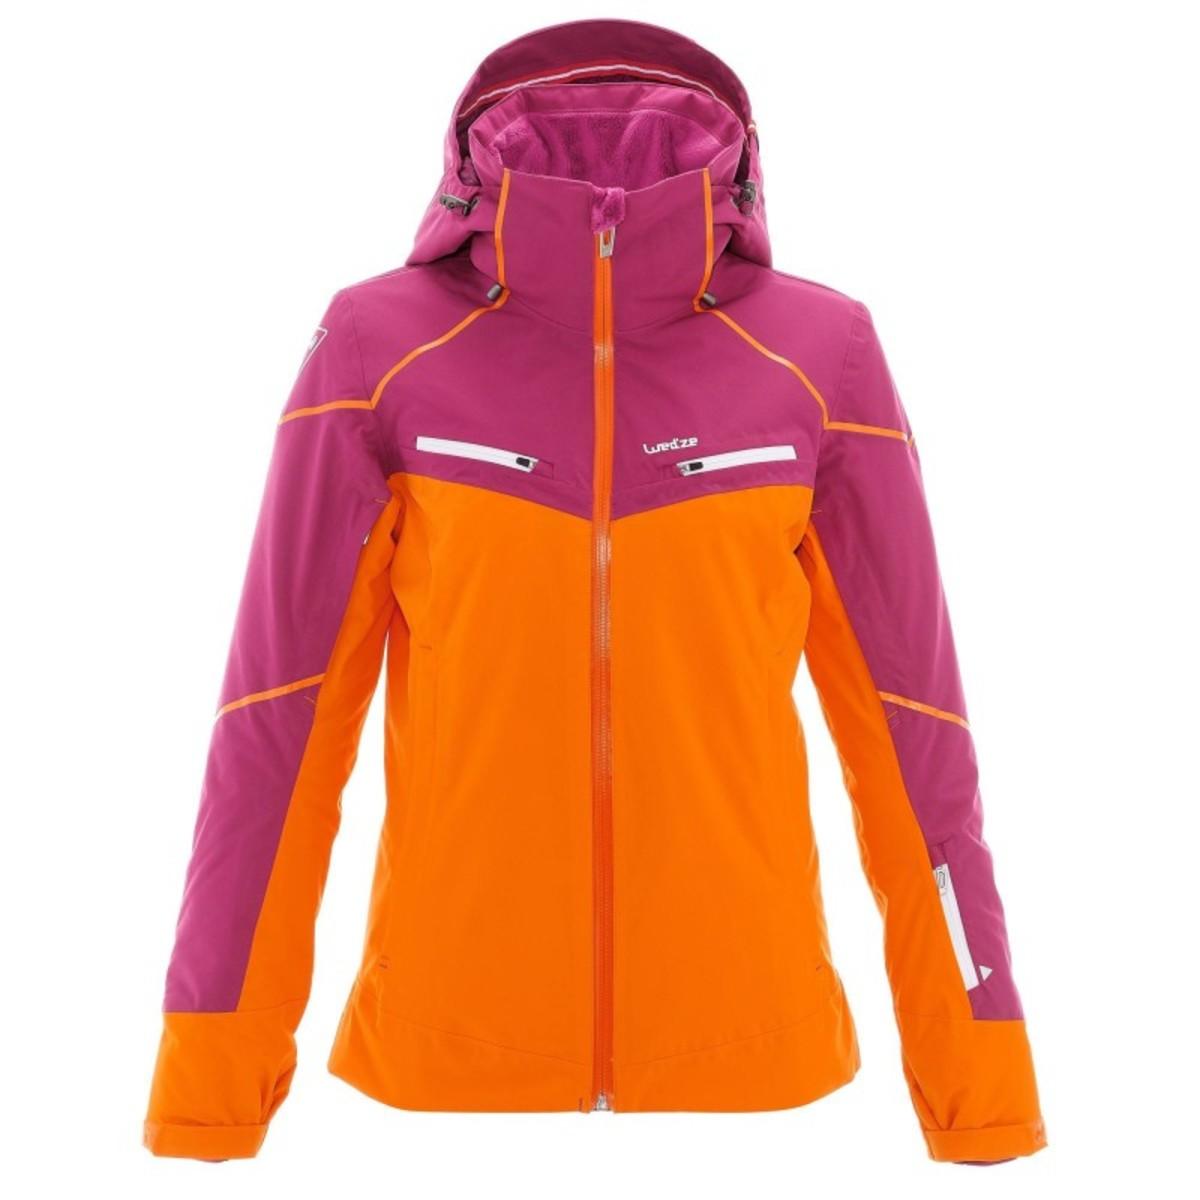 Bild 3 von WED´ZE Skijacke Slide 700 Damen lila/orange, Größe: XS